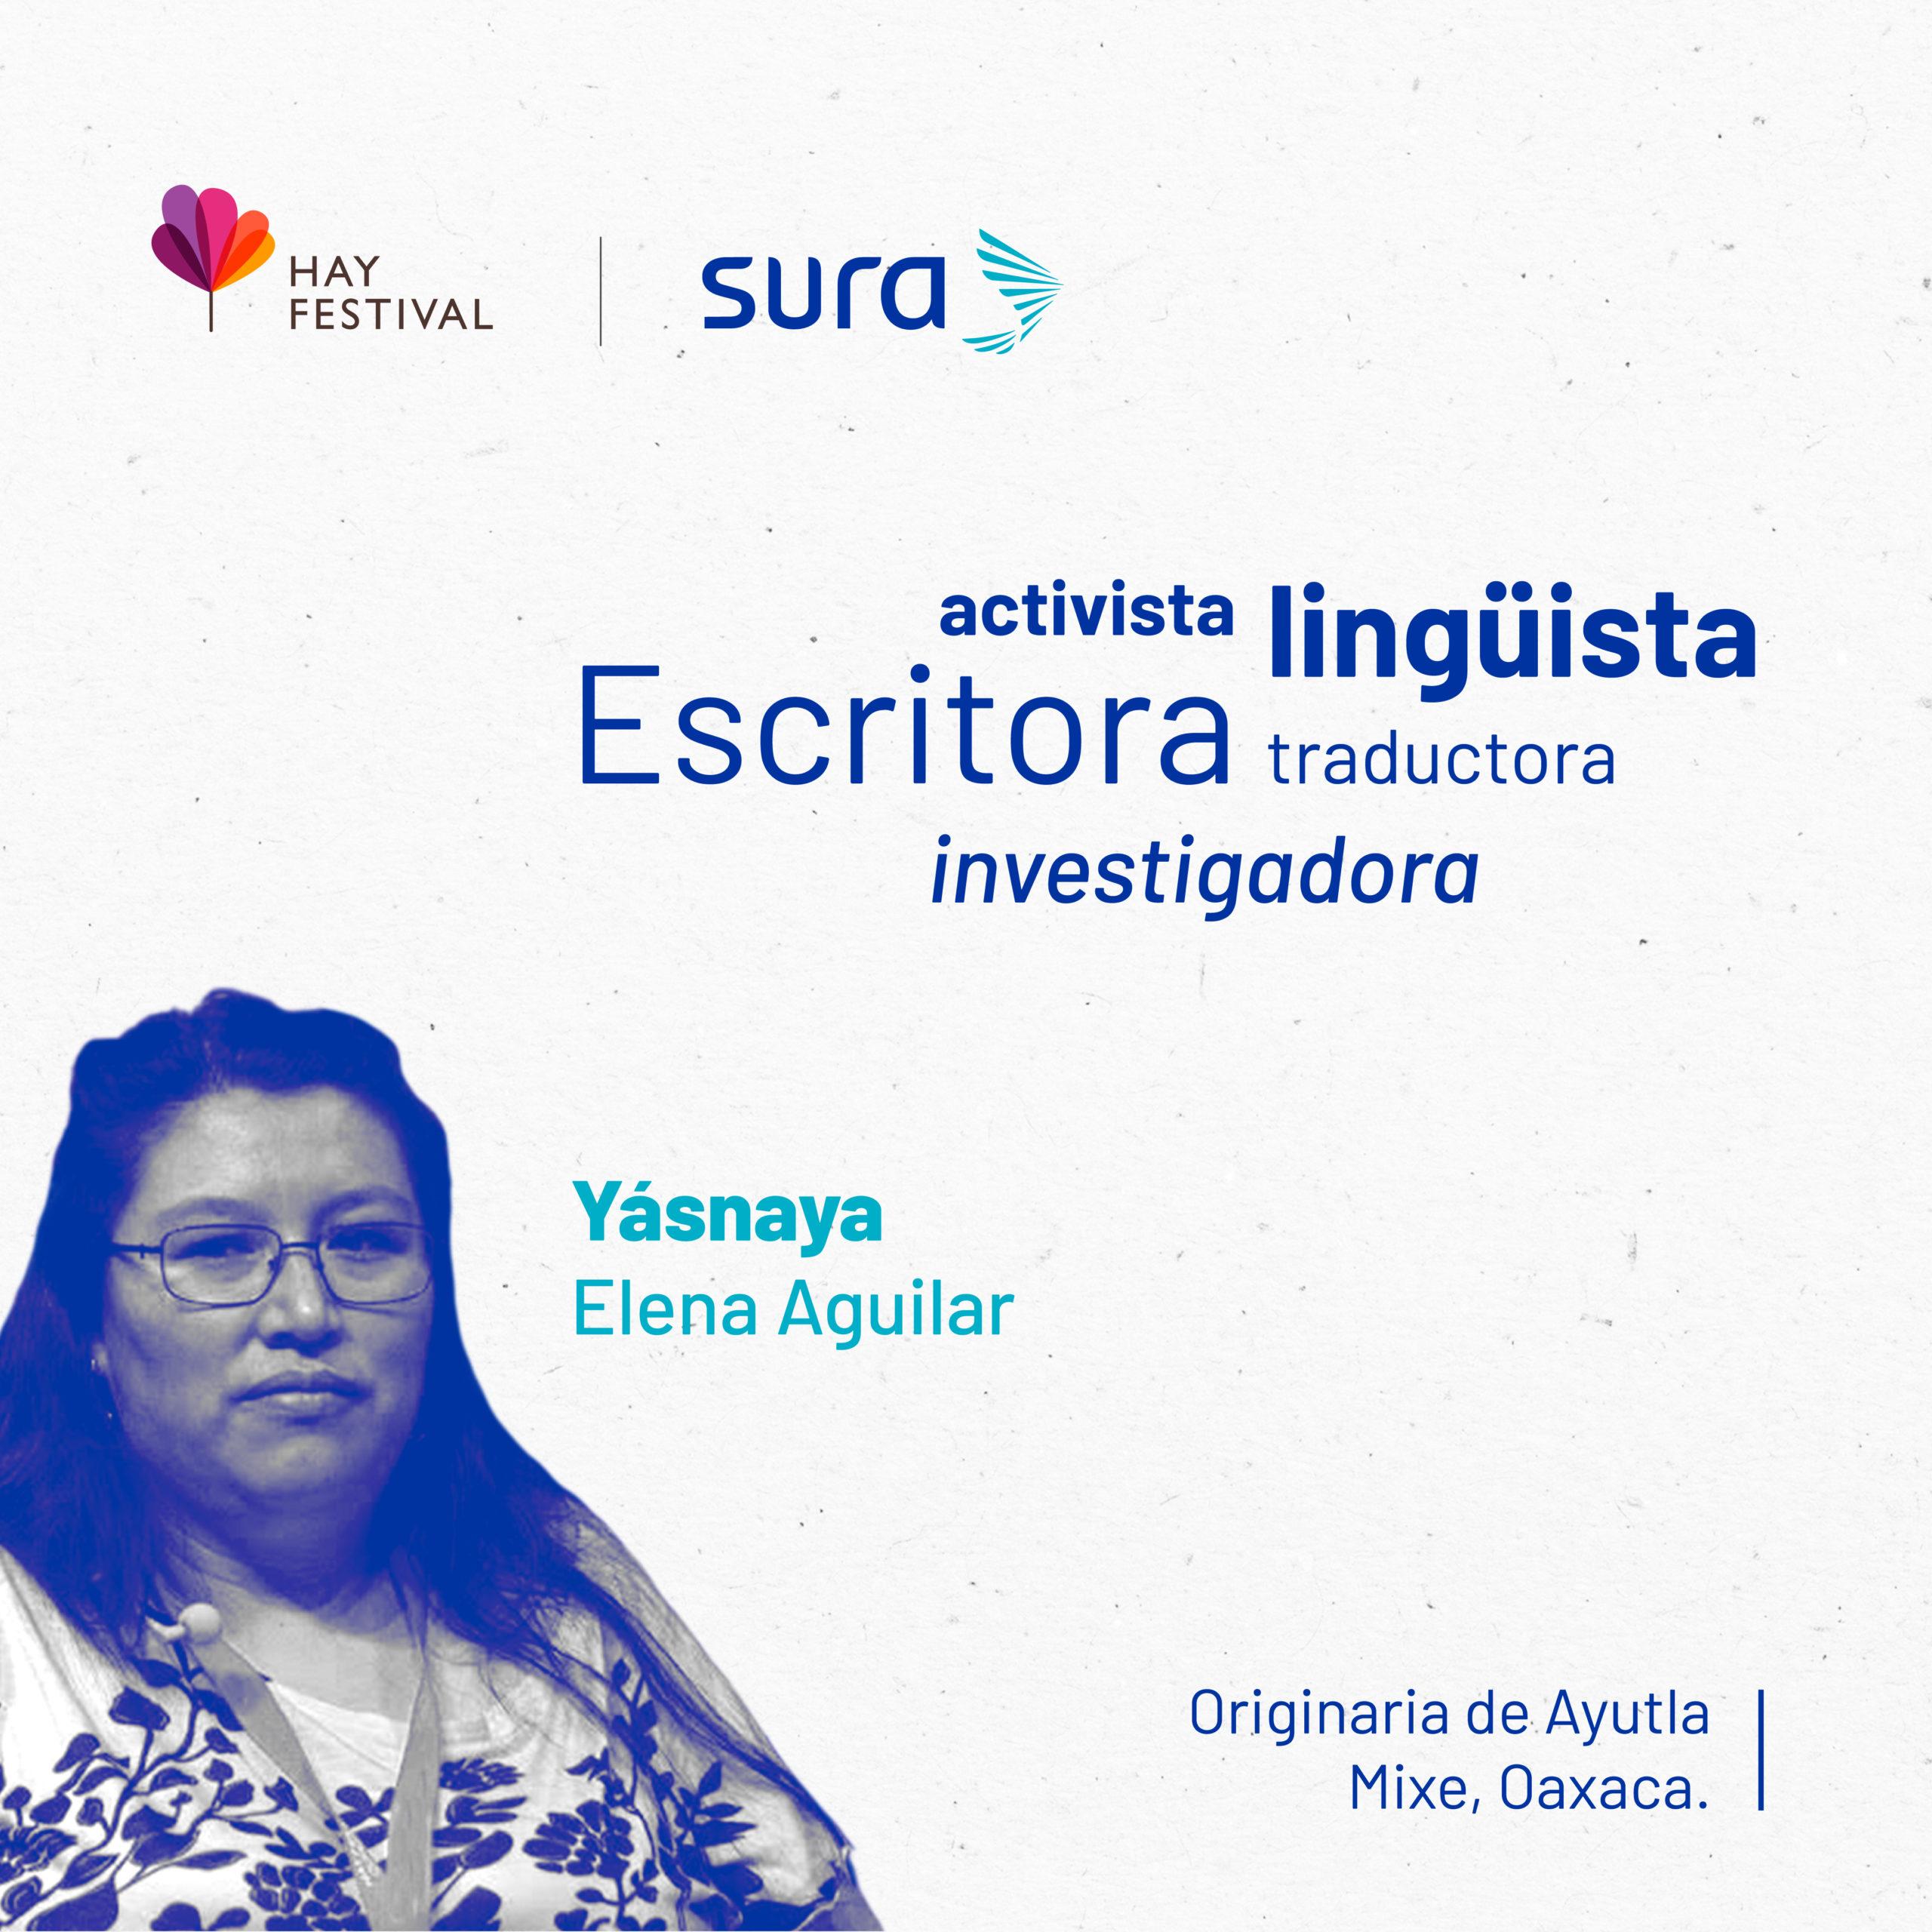 Yásyana Elena Aguilar